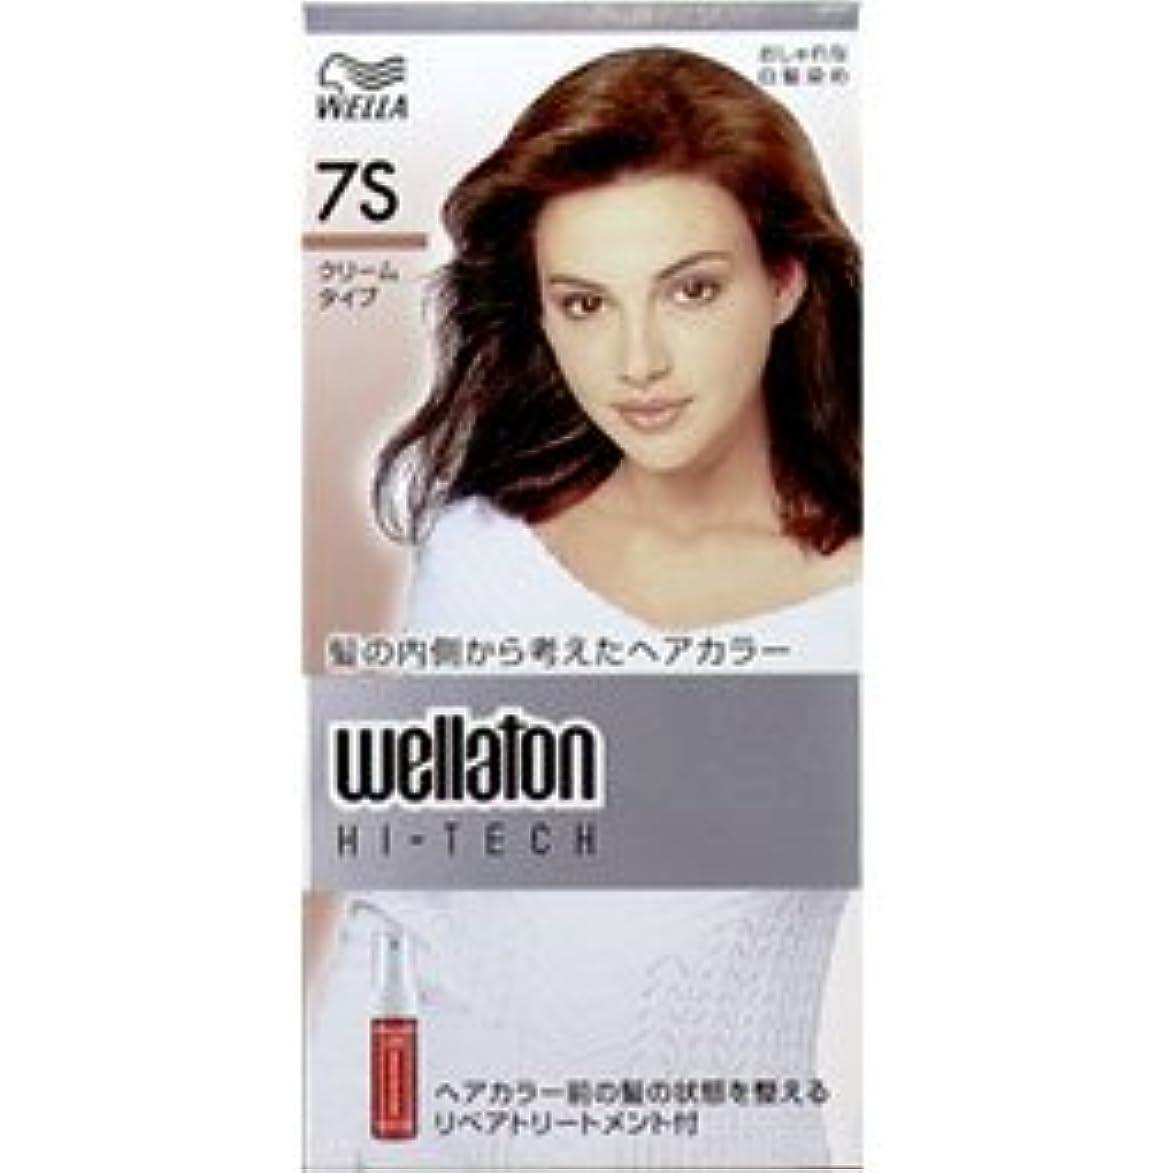 ゲスト宿る委員長【ヘアケア】P&G ウエラ ウエラトーン ハイテッククリーム 7S 透明感のある明るい栗色 (医薬部外品) 白髪染めヘアカラー(女性用)×24点セット (4902565140602)